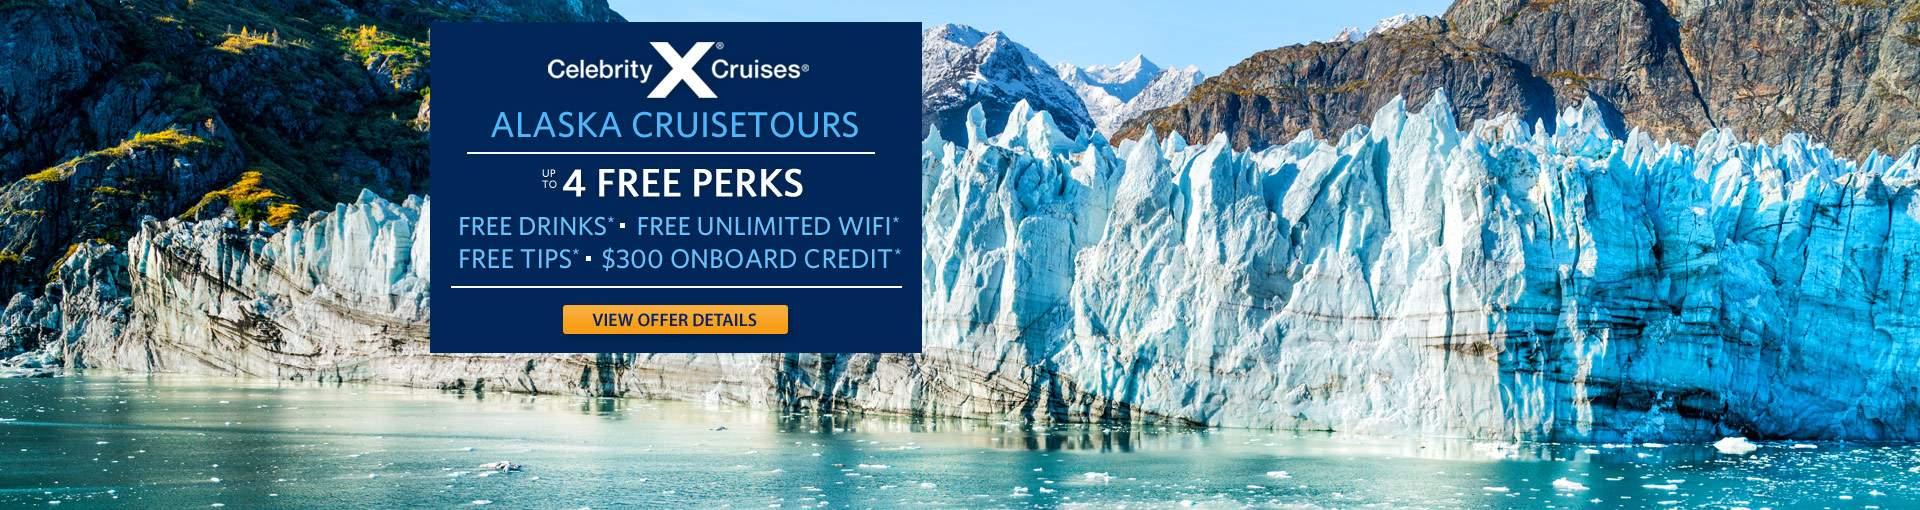 Celebrity Cruises: Alaska Cruisetours